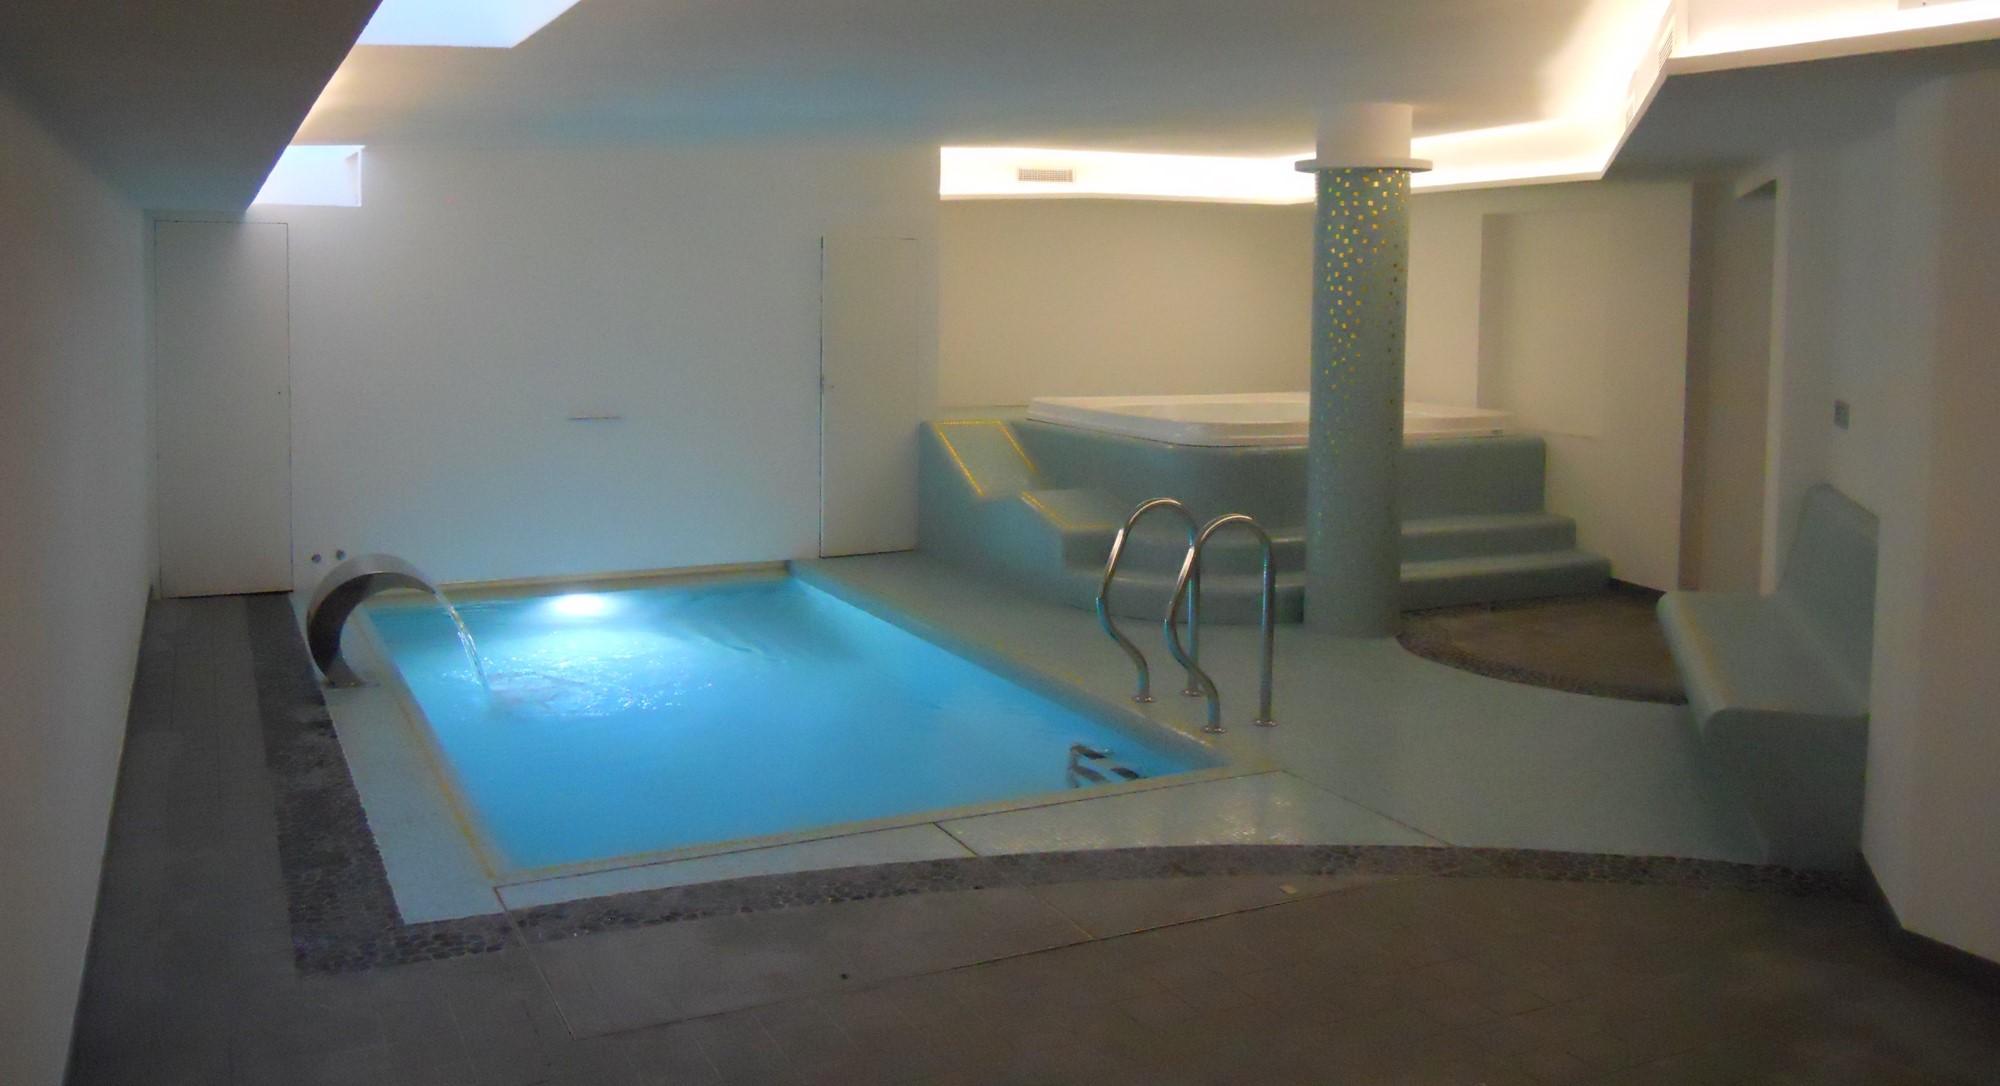 Piscina interna con tutti gli accessori possibili piscine - Piscina interna casa ...